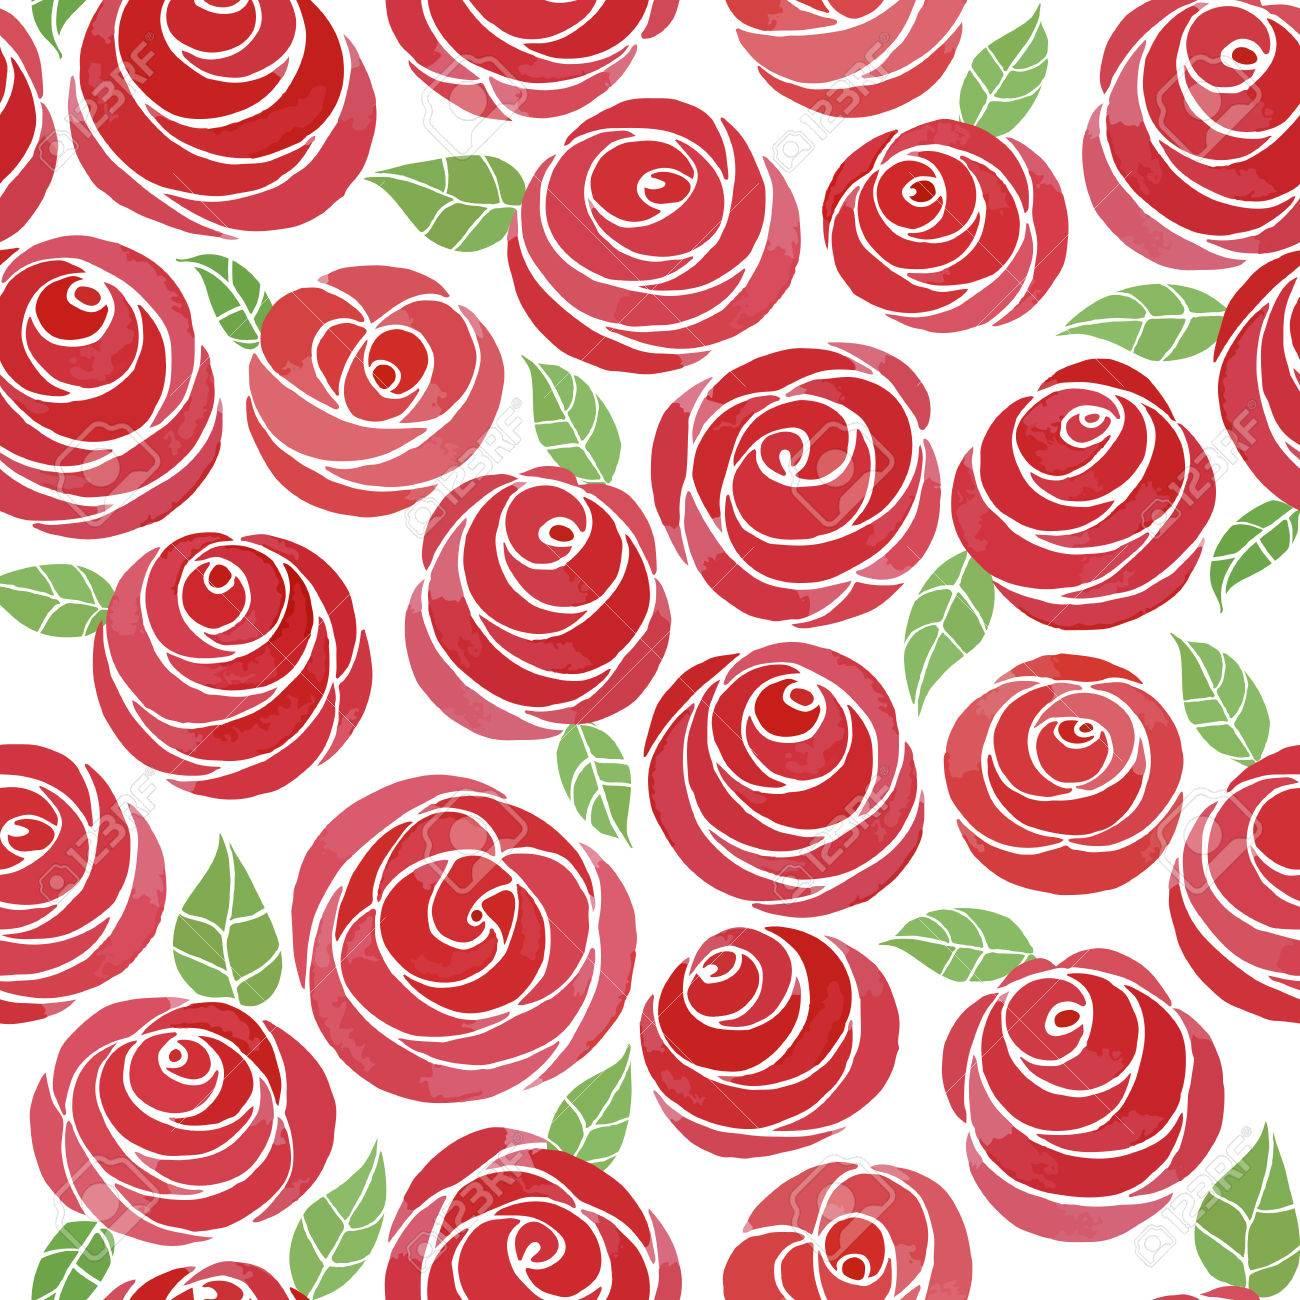 Modelo Inconsutil Con Las Rosas De La Acuarela Lindos Cute Dibujos Animados Rosas Rojas Con Hojas Flores Jugosas En Un Fondo Blanco